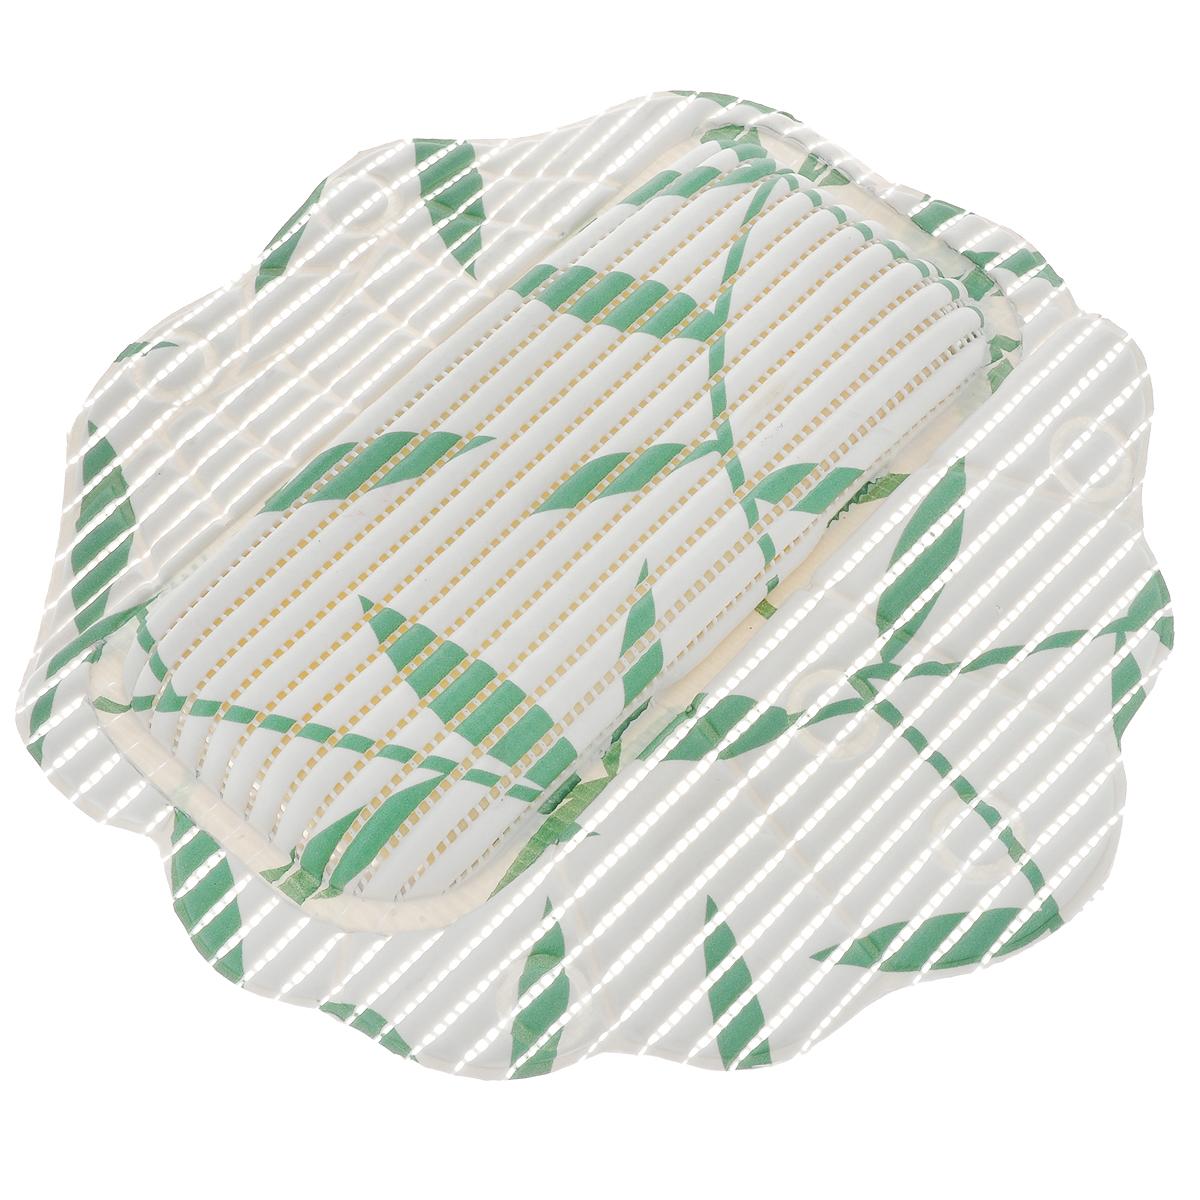 Подушка для ванны Fresh Code Flexy, на присосках, цвет: белый, зеленый, 33 см х 33 см100-49000000-60Подушка для ванны Fresh Code Flexy обеспечивает комфорт во время принятия ванны. Крепится на поверхность ванной с помощью присосок. Выполнена из ПВХ.